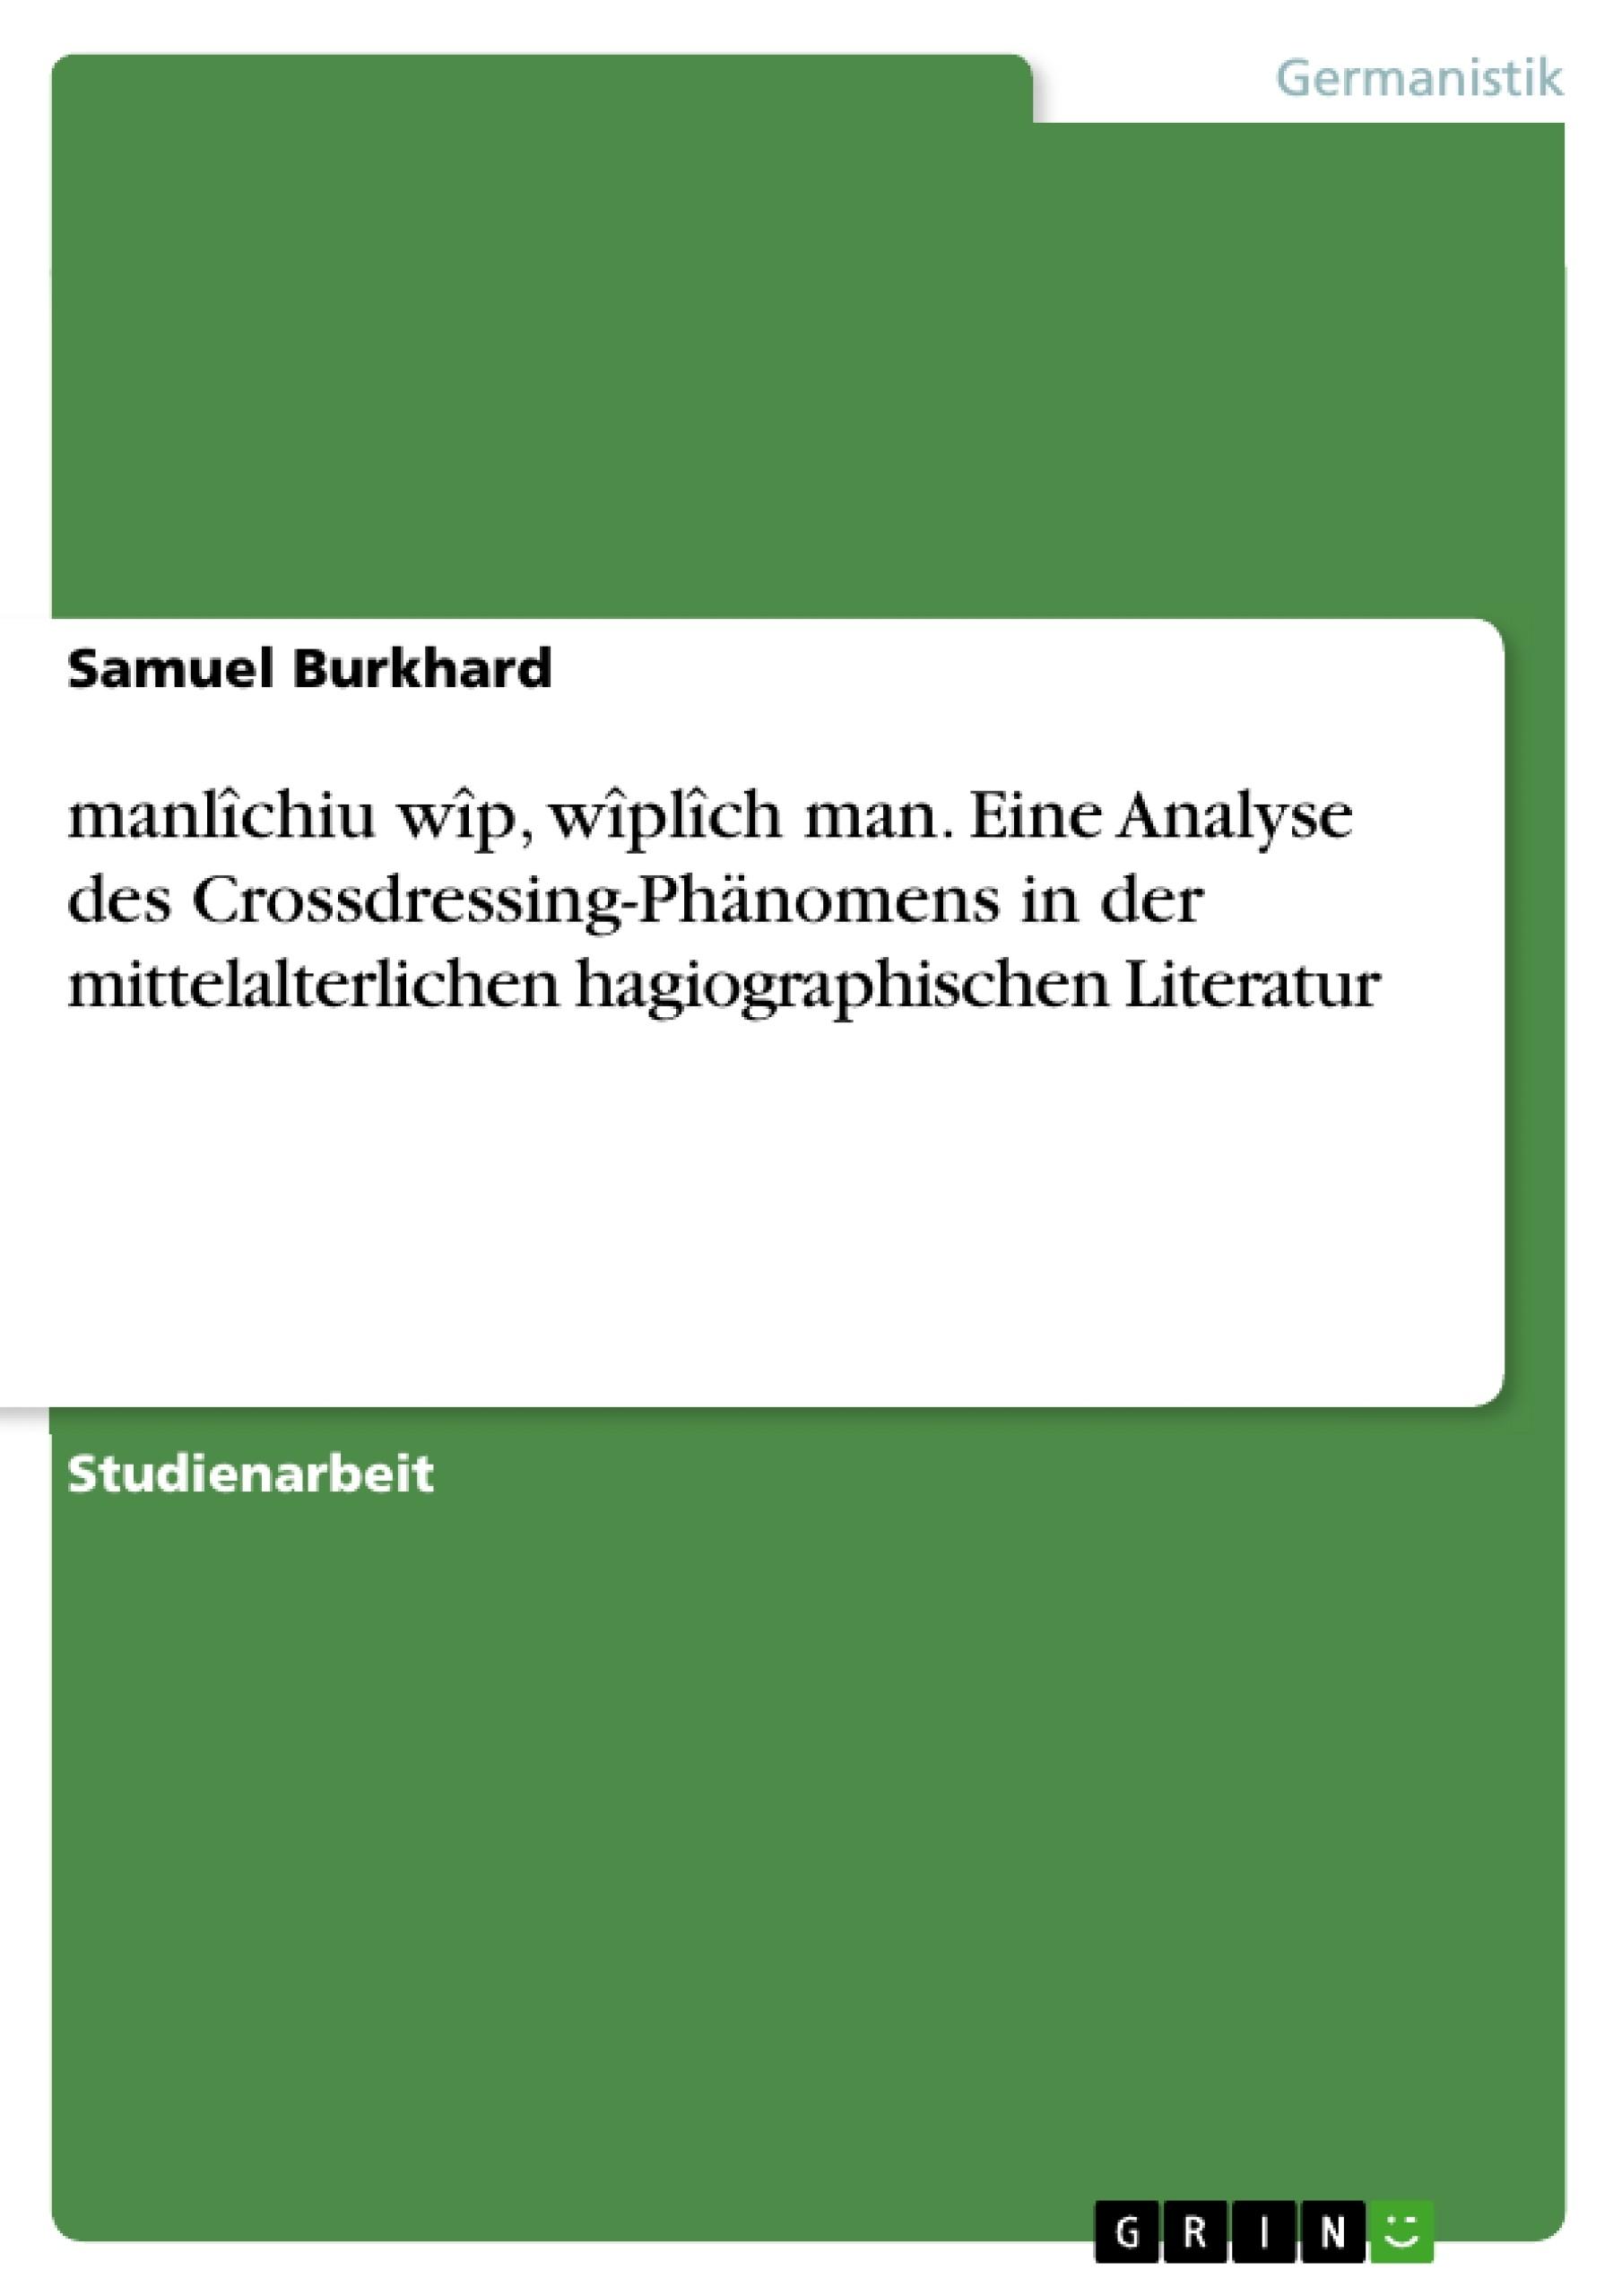 Titel: manlîchiu wîp, wîplîch man. Eine Analyse des Crossdressing-Phänomens in der mittelalterlichen hagiographischen Literatur